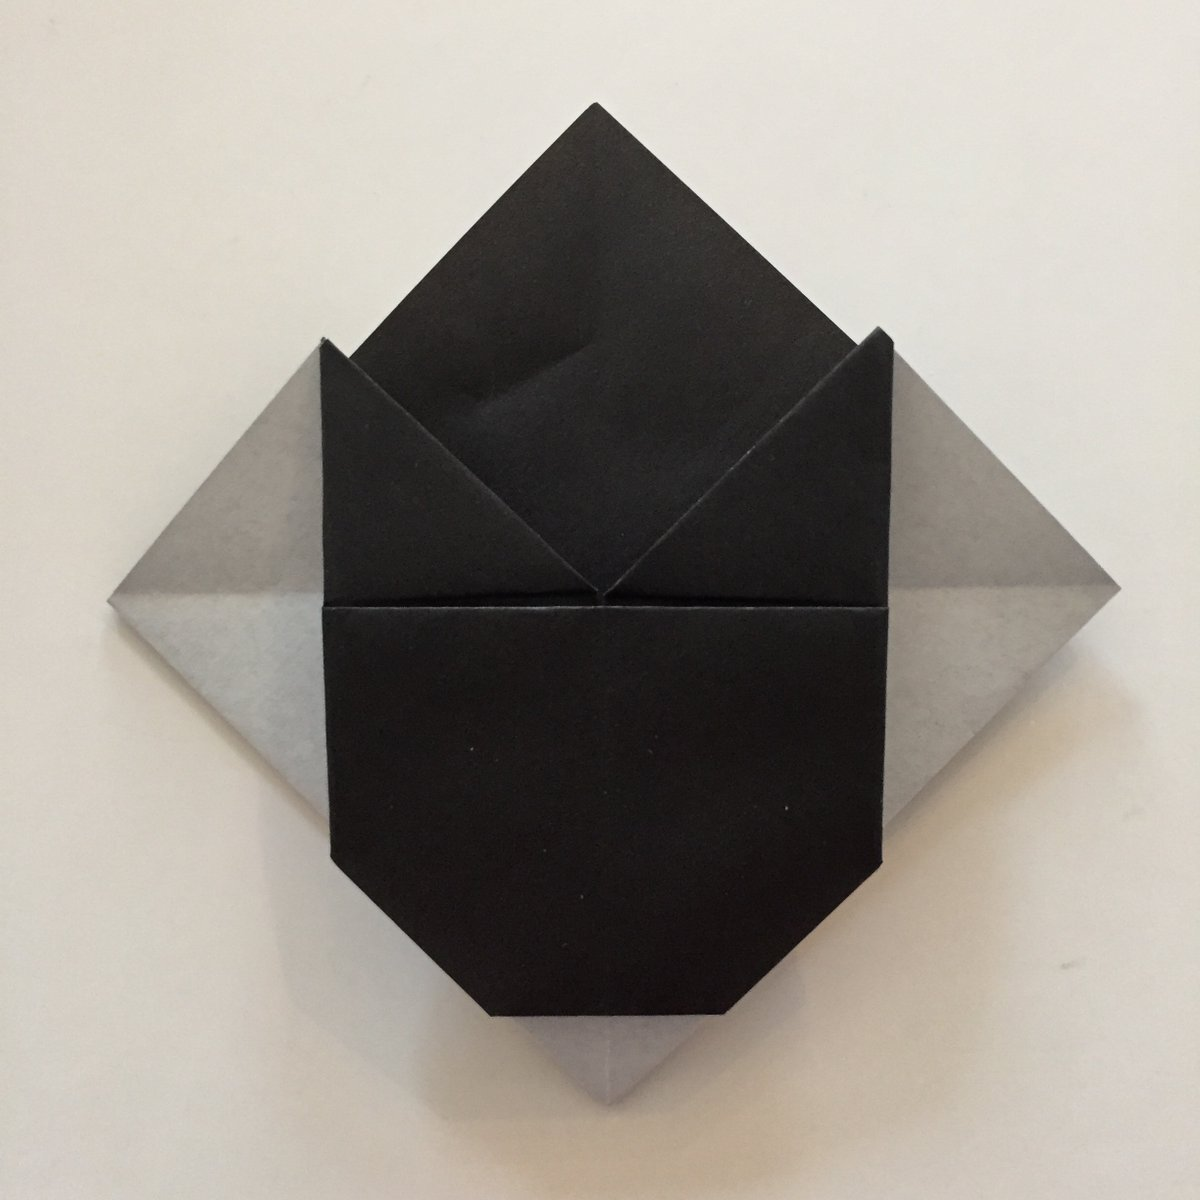 Origami Cat(face) (com imagens) | Origami para crianças, Origami, Pano de  chão | 1200x1200